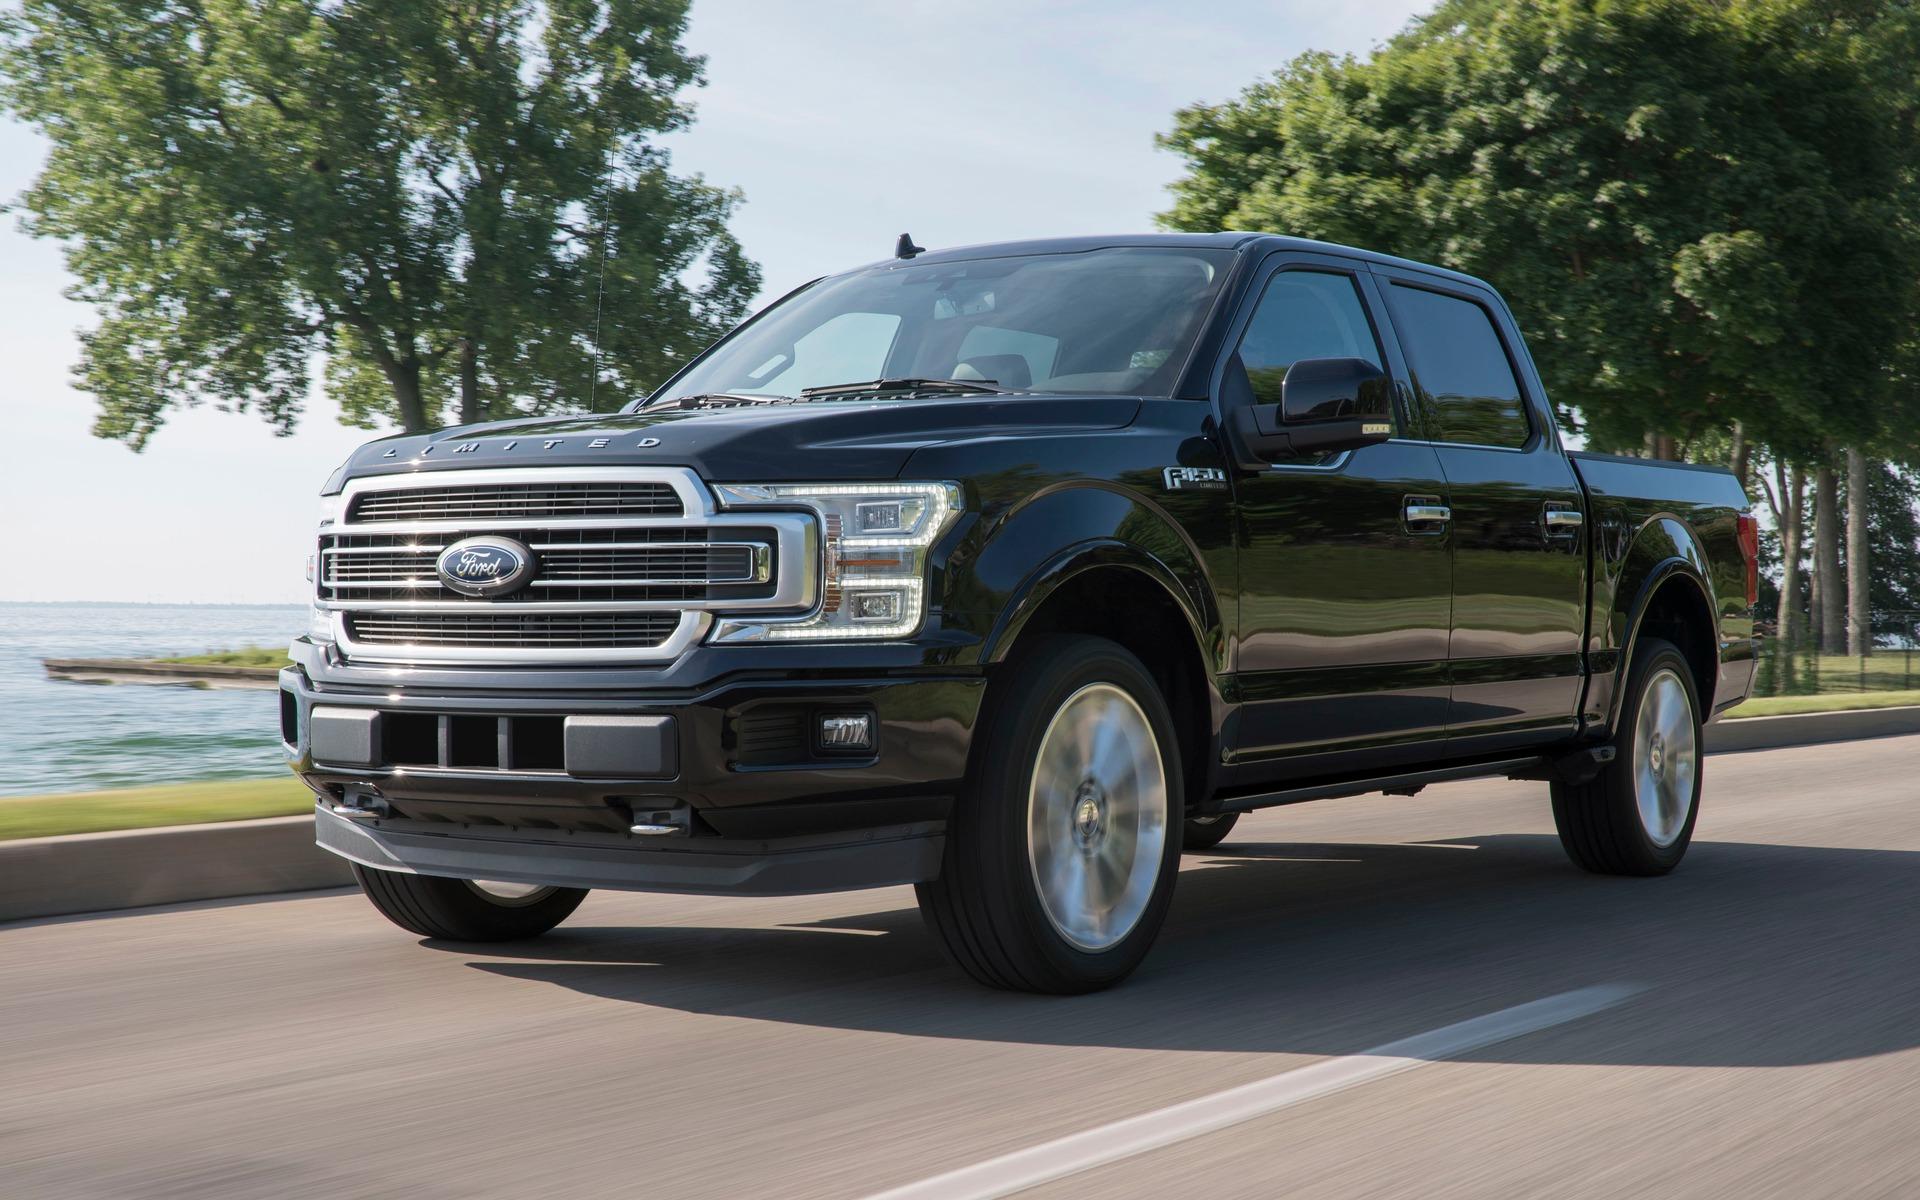 <p>Ford F-150 Diesel</p>